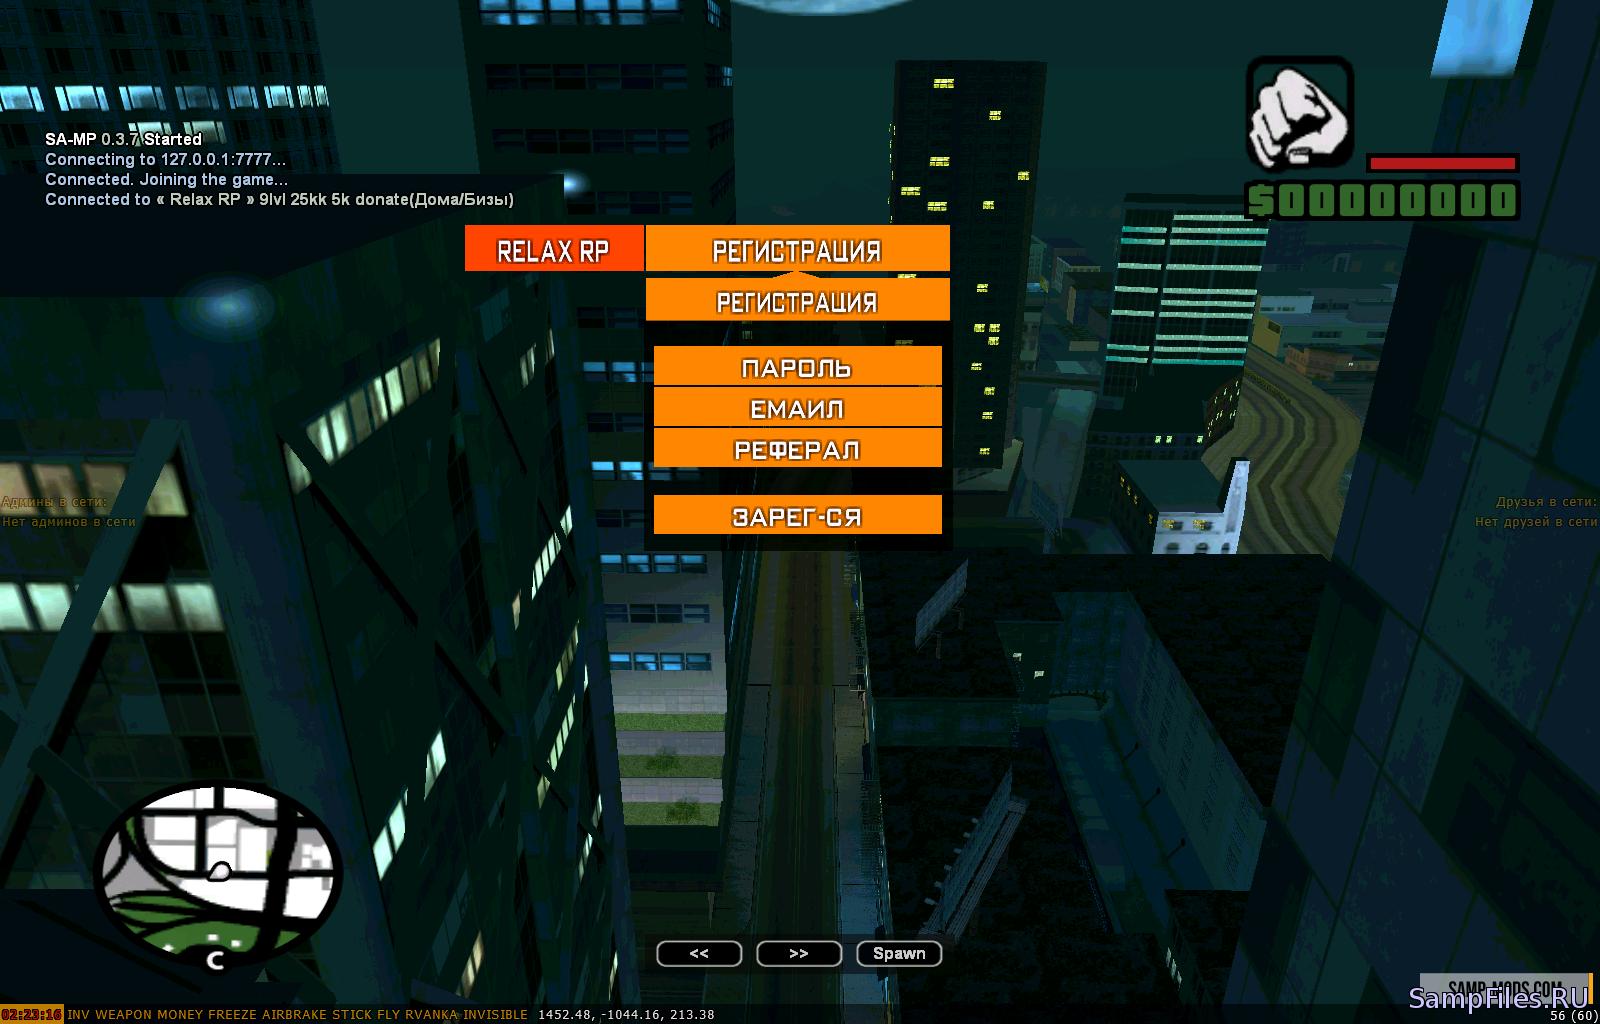 Скачать сервер самп 03е forex rp опционы кэп